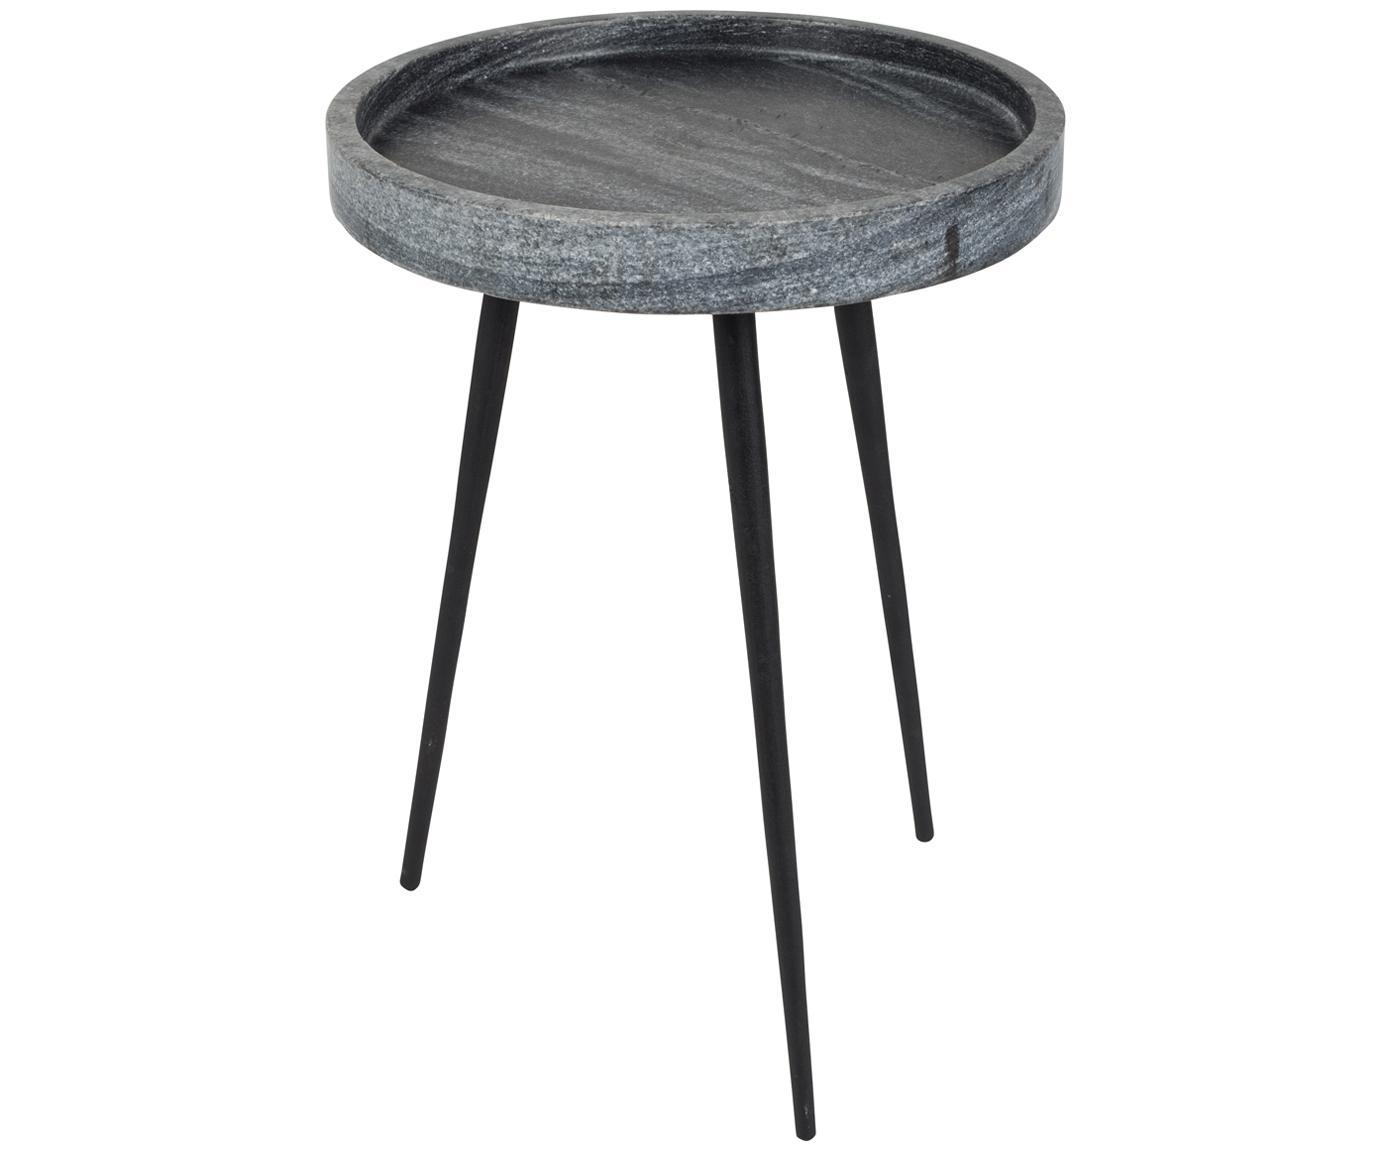 Runder Marmor-Beistelltisch Karrara, Tischplatte: Marmor, Beine: Metall, pulverbeschichtet, Grau, Schwarz, Ø 33 x H 45 cm